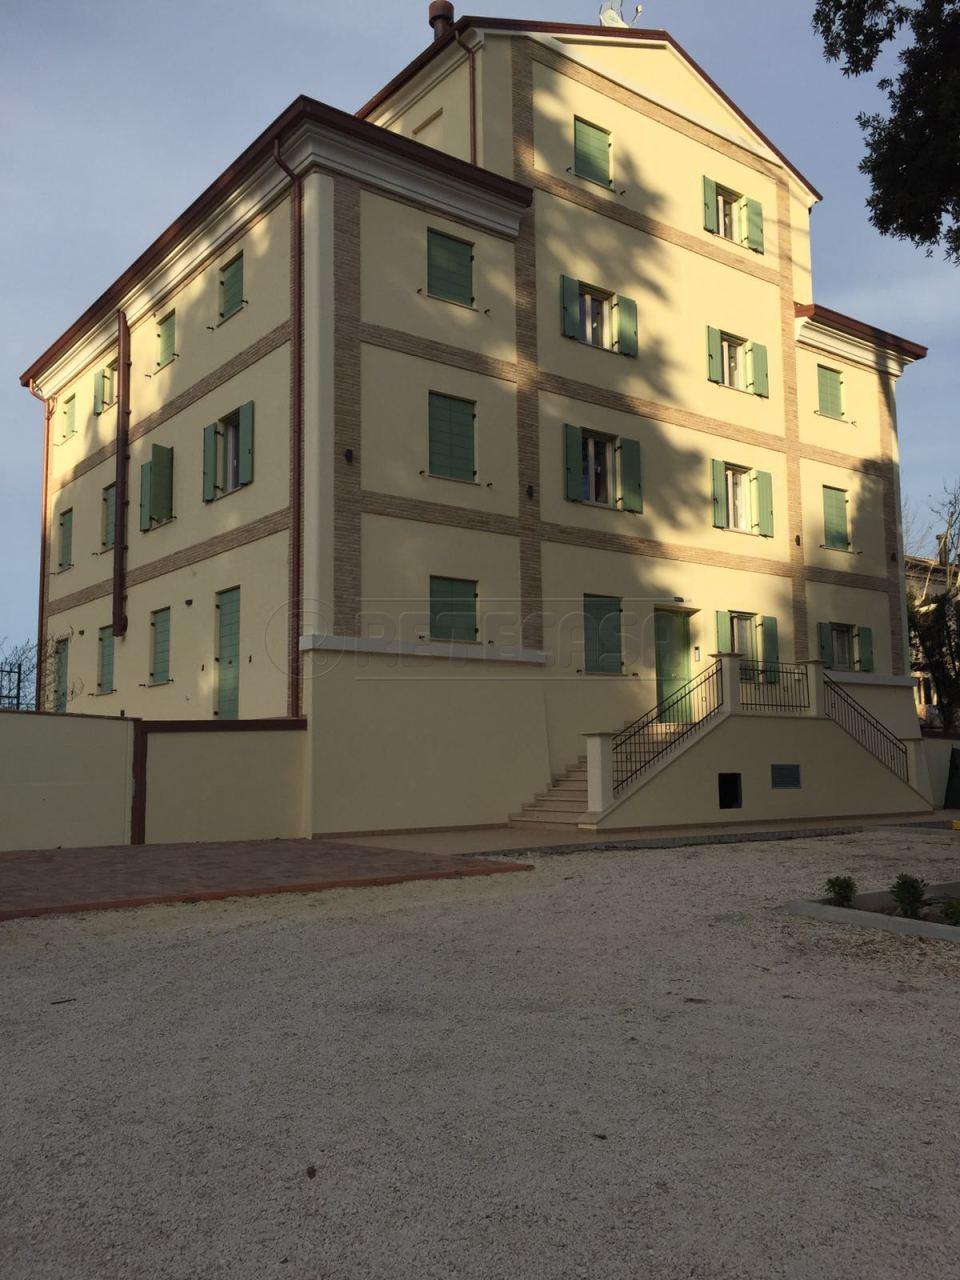 Appartamento in vendita a Osimo, 2 locali, prezzo € 95.000 | Cambio Casa.it